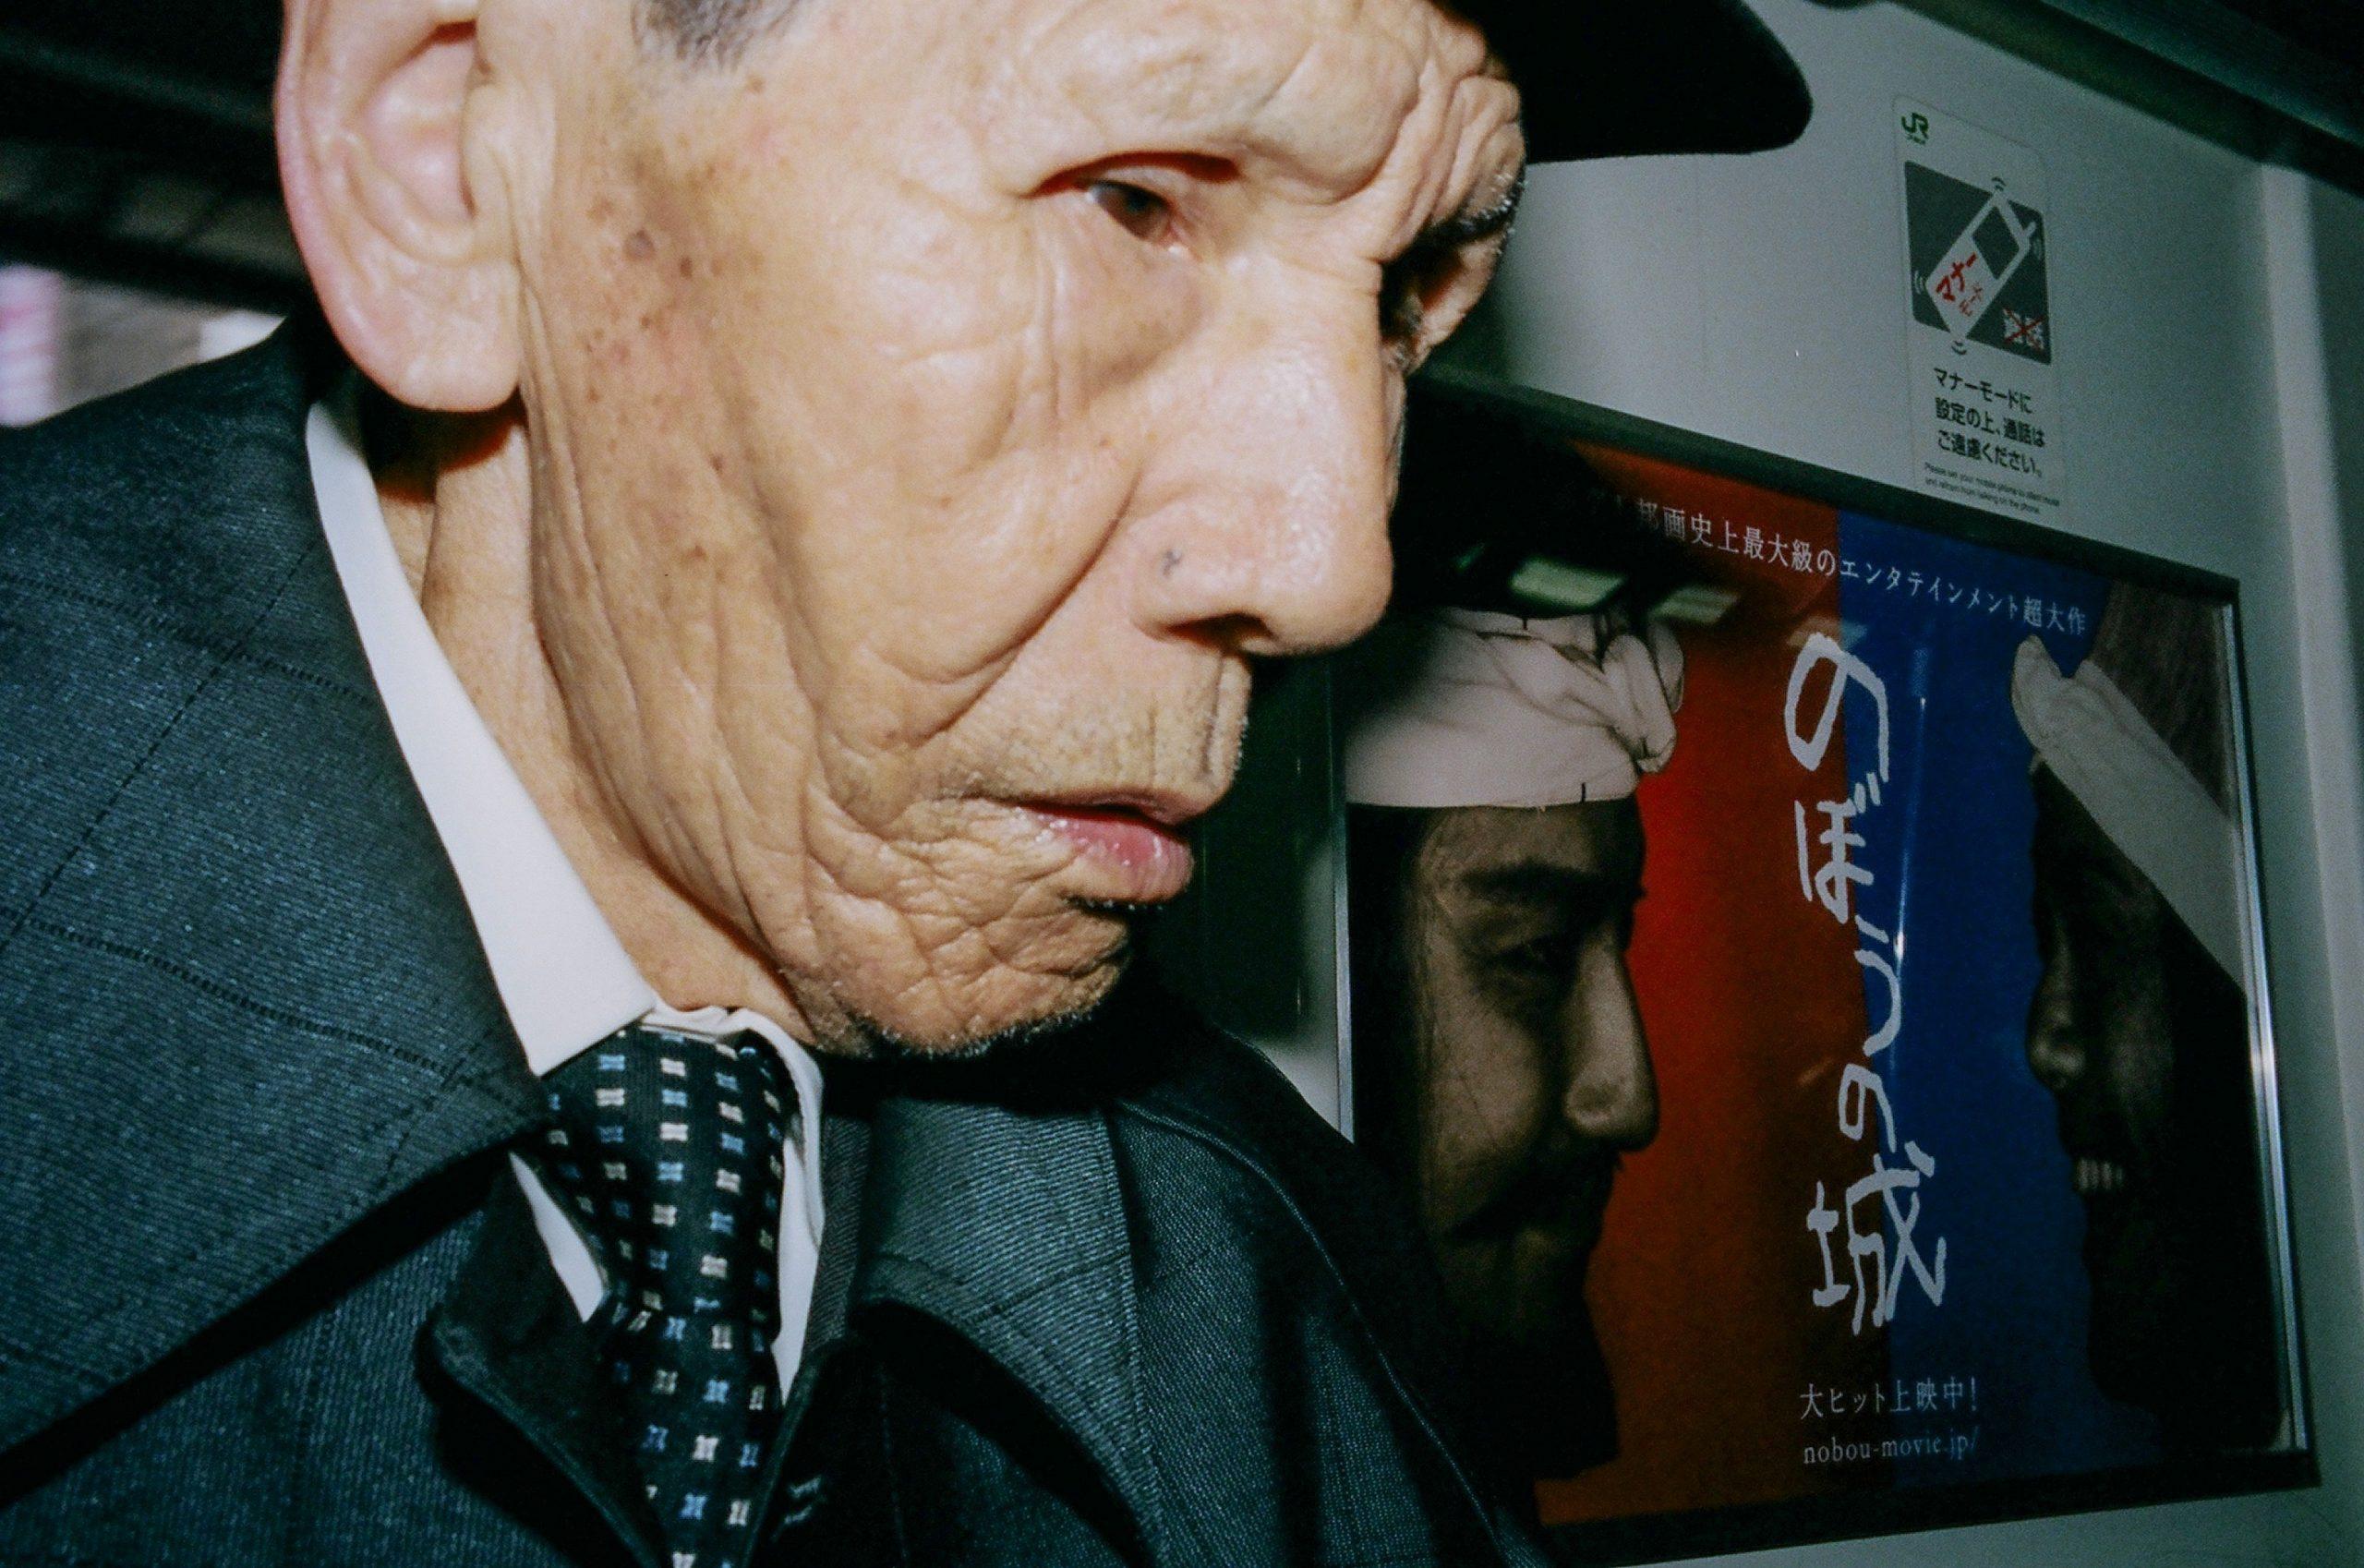 old man flash Tokyo subway